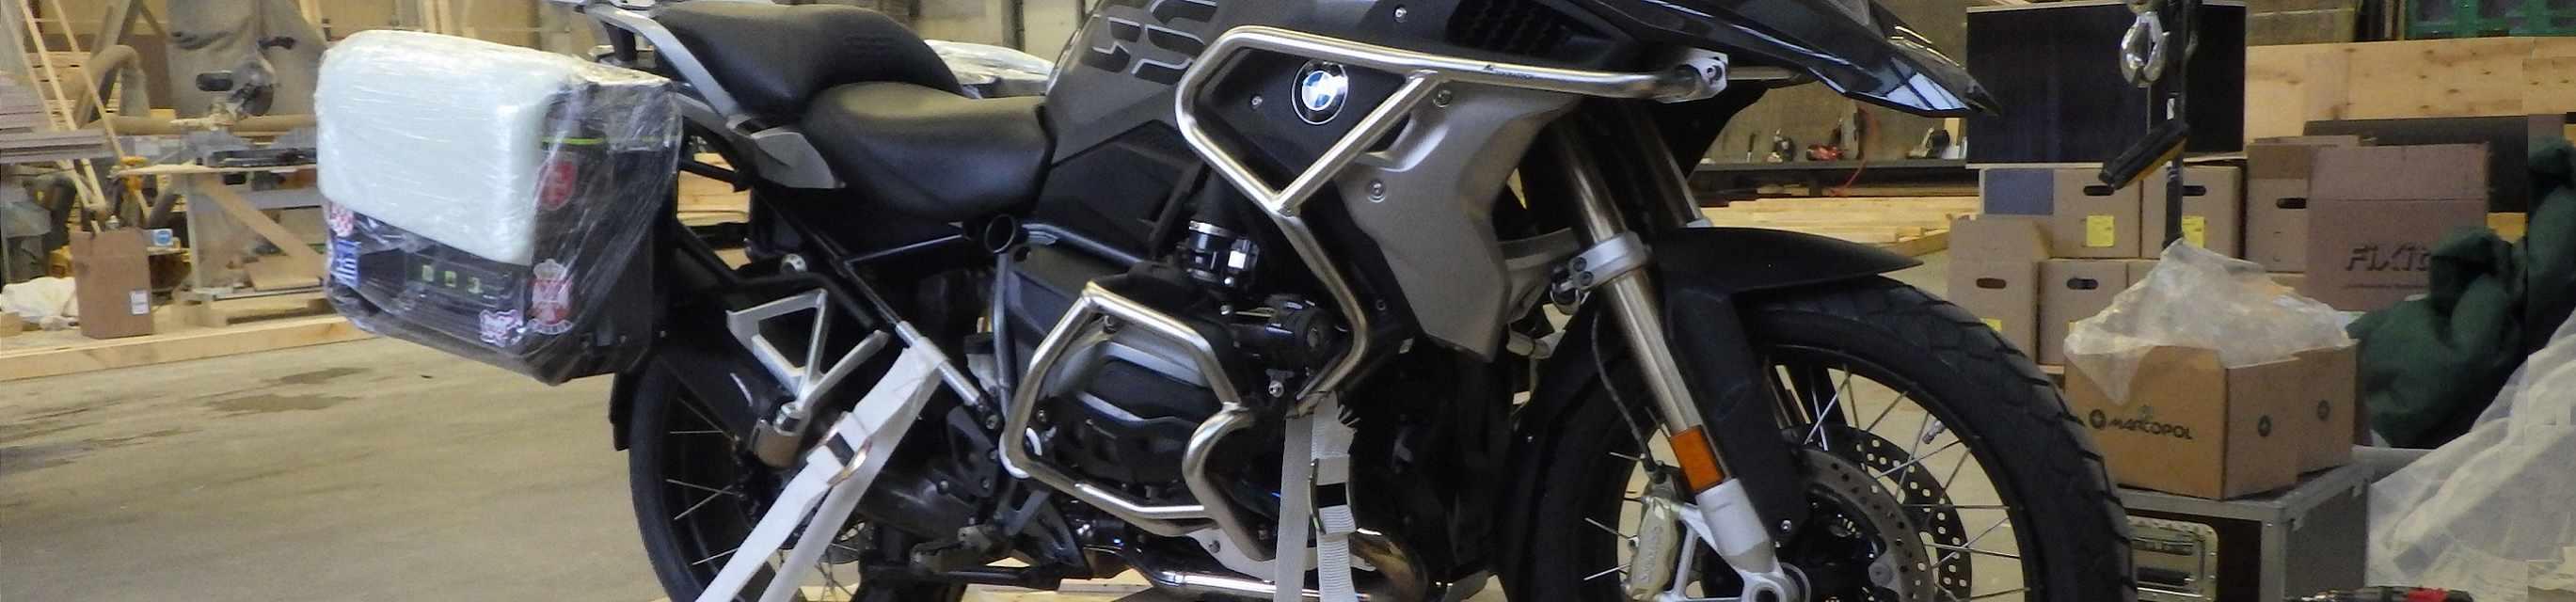 Moottoripyörä Saksasta